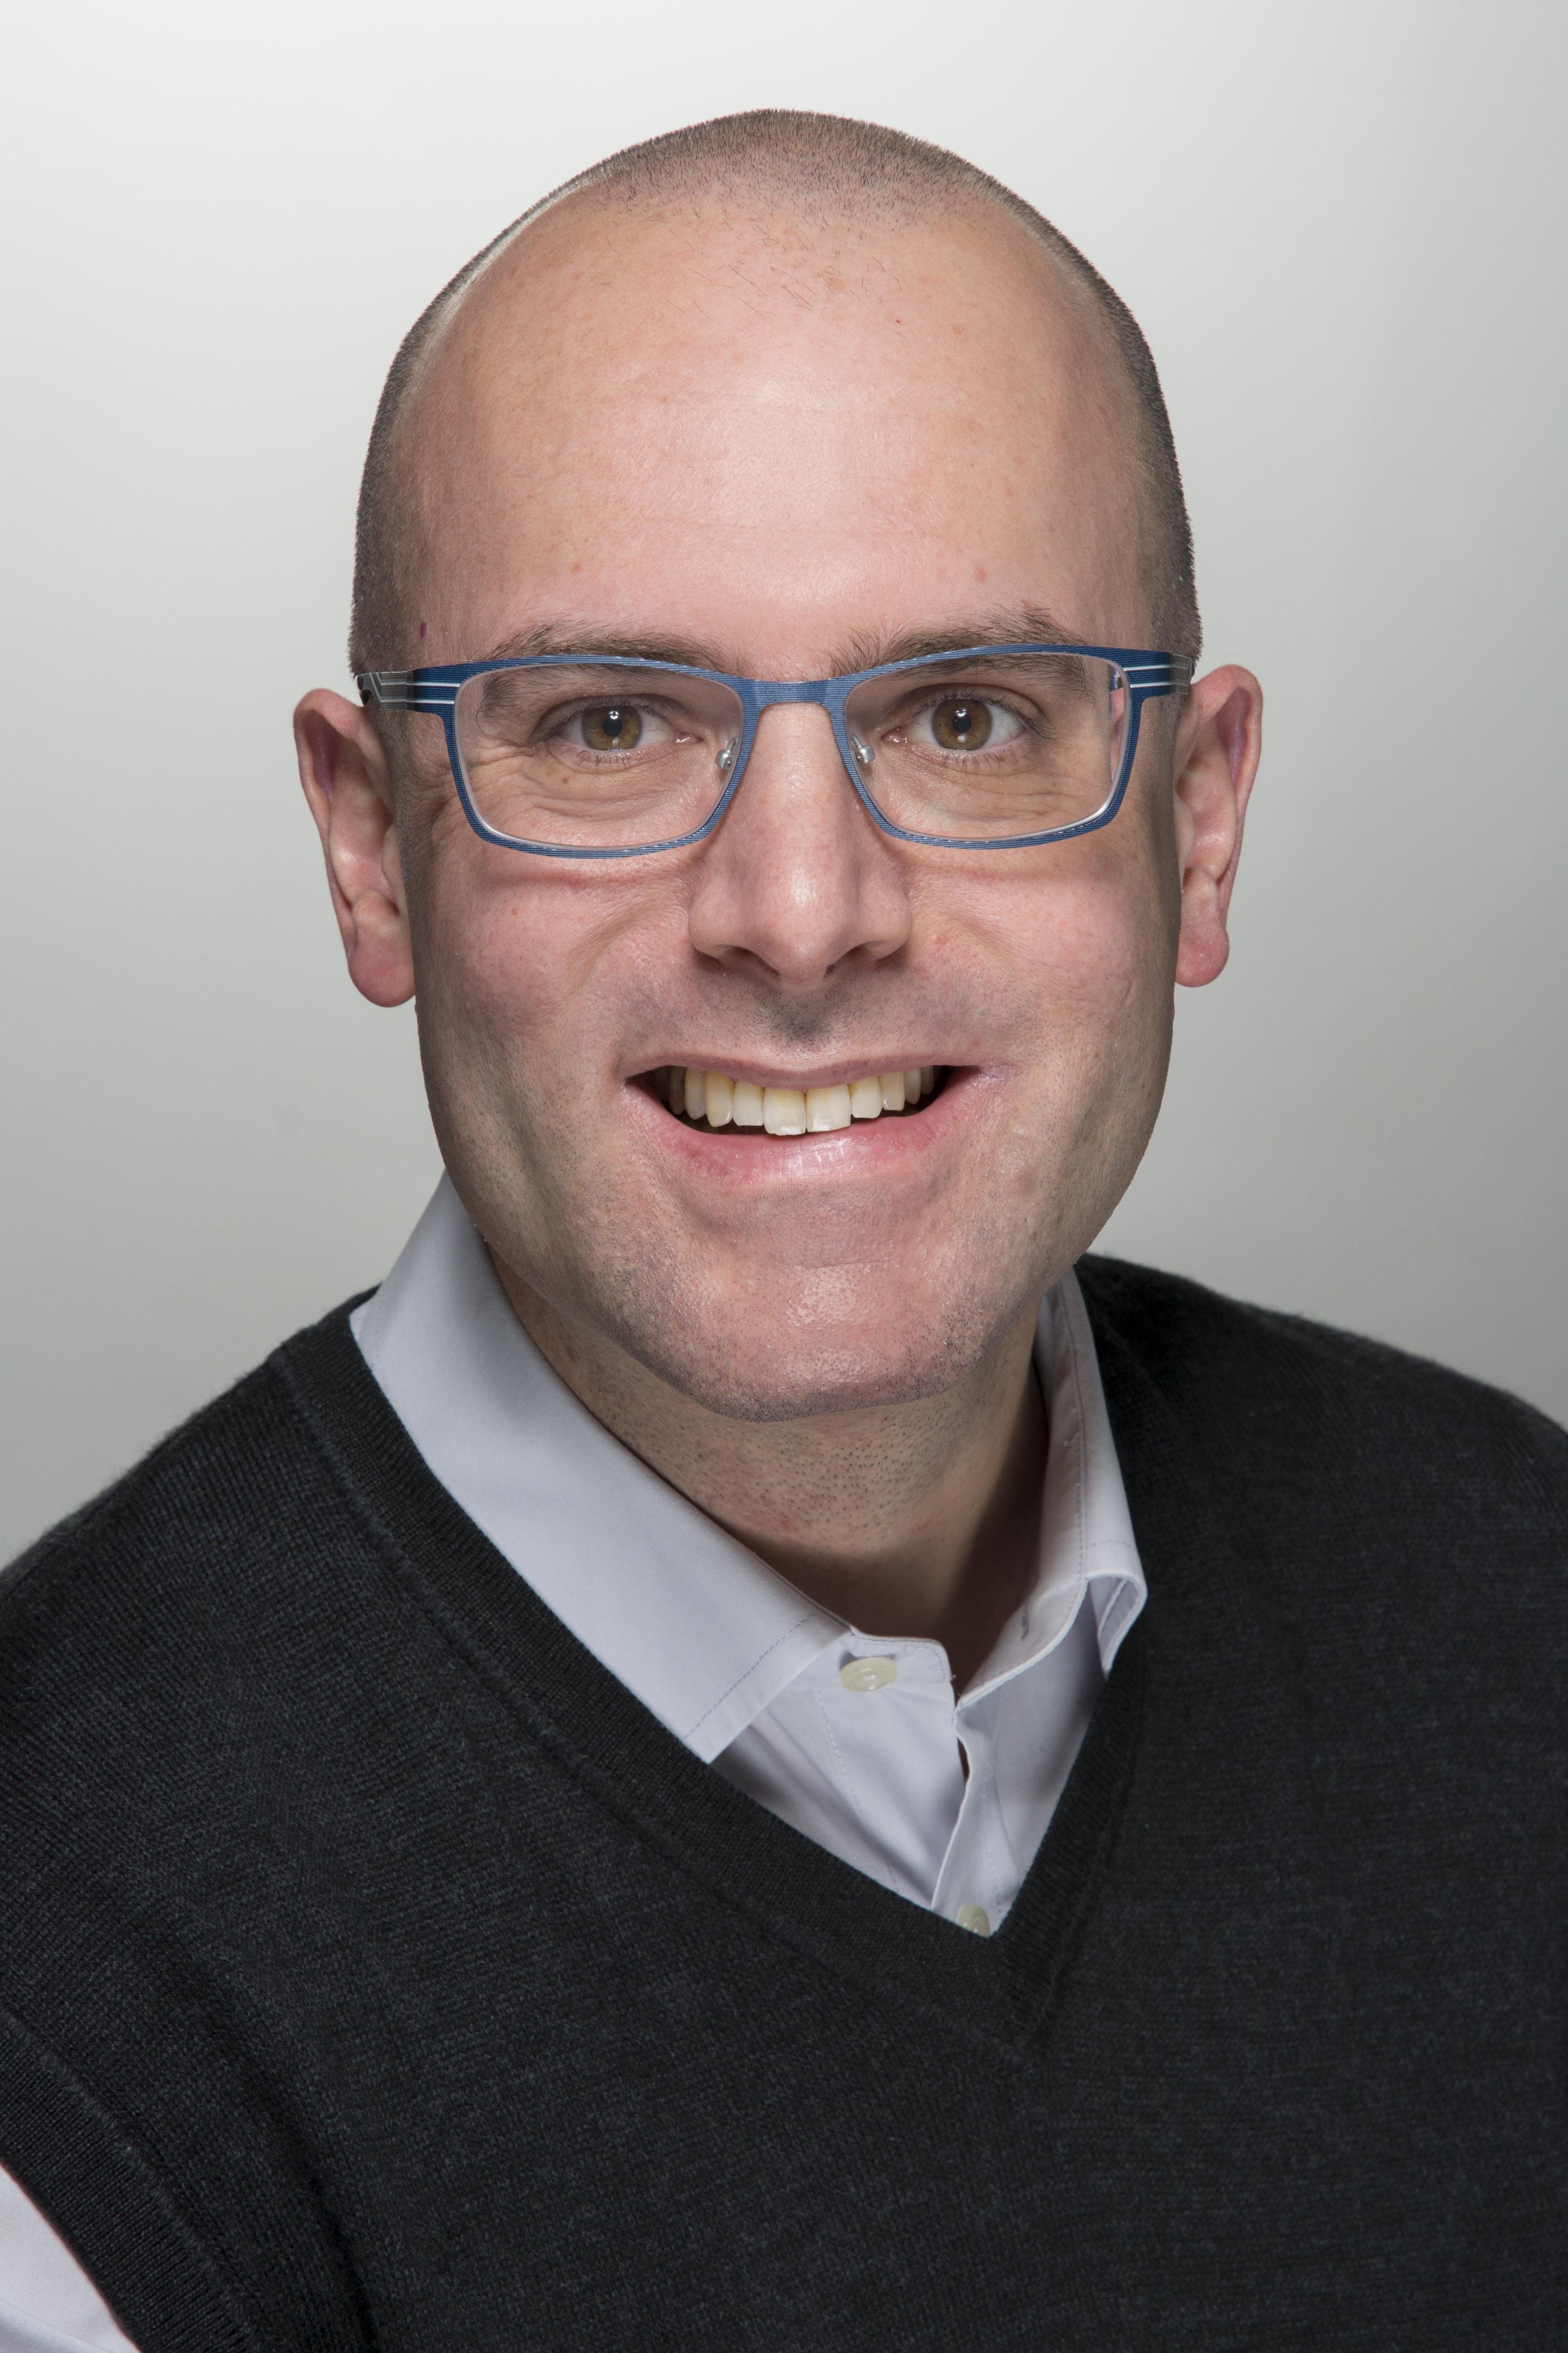 Silvio Friedrich Bär